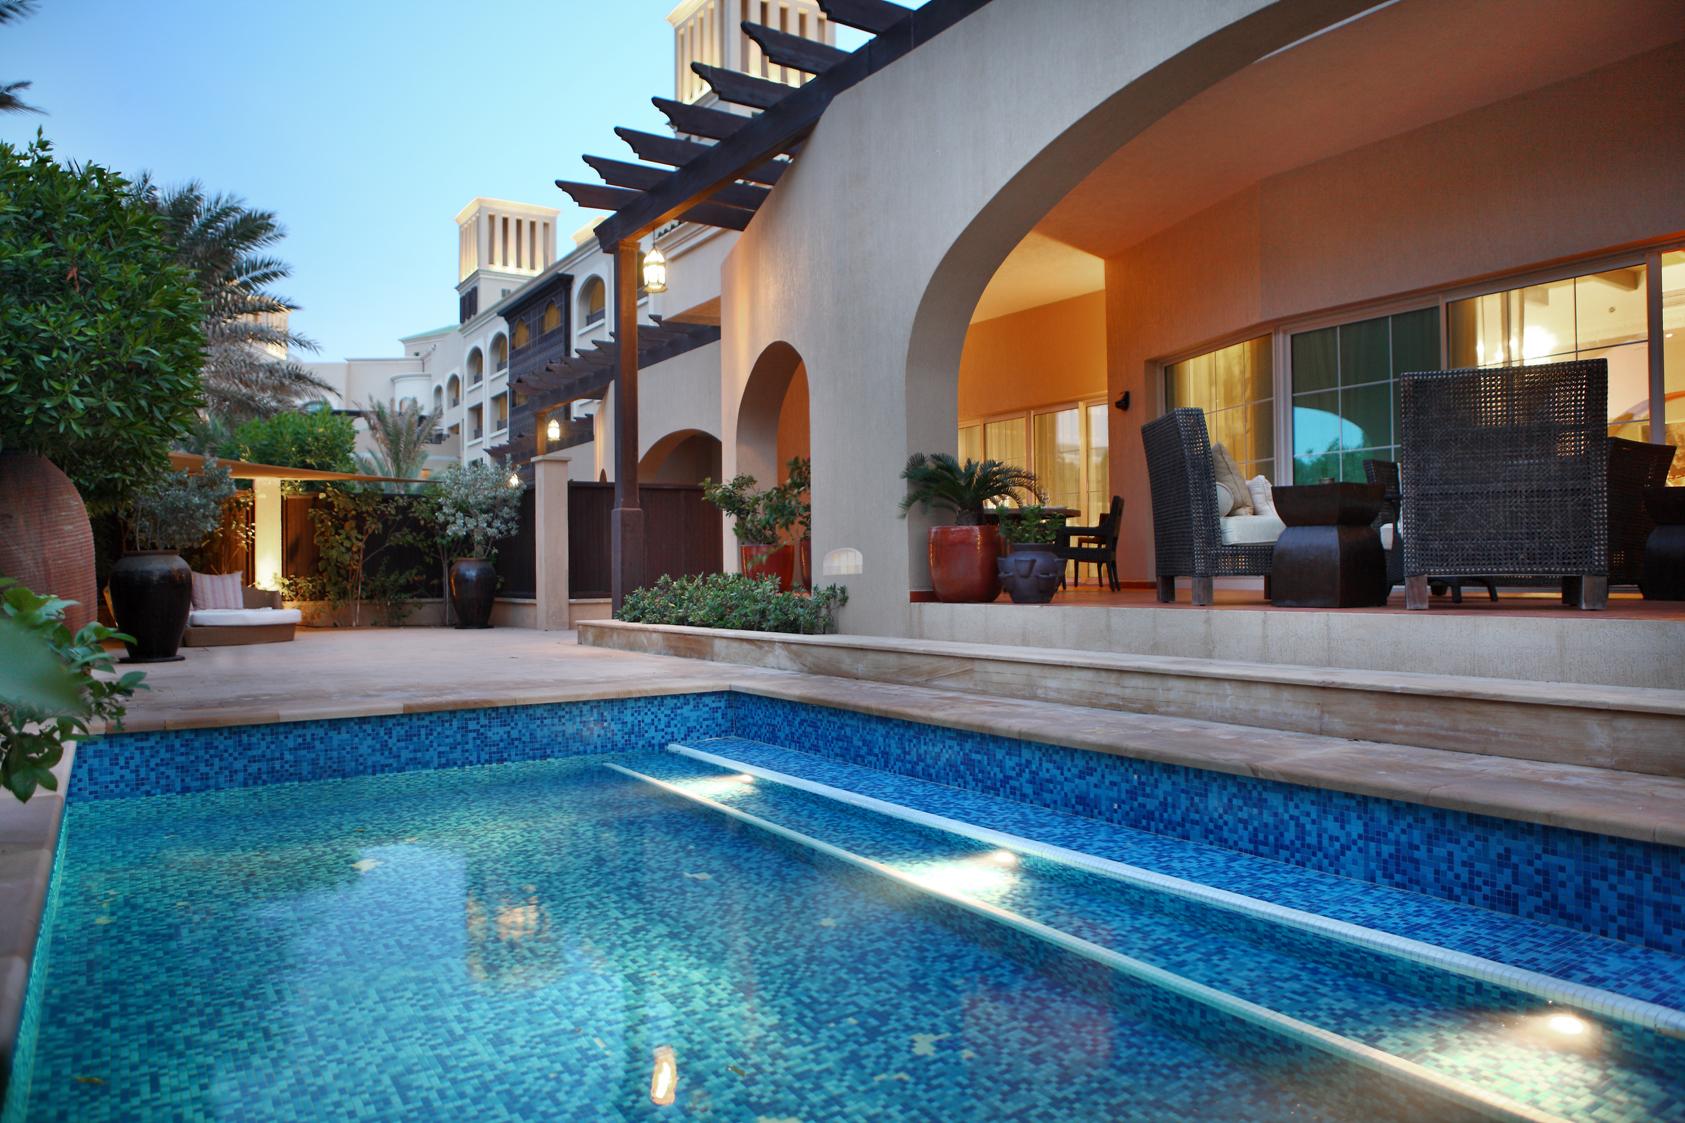 43419335-H1-Royal_Villa_pool_area.jpg